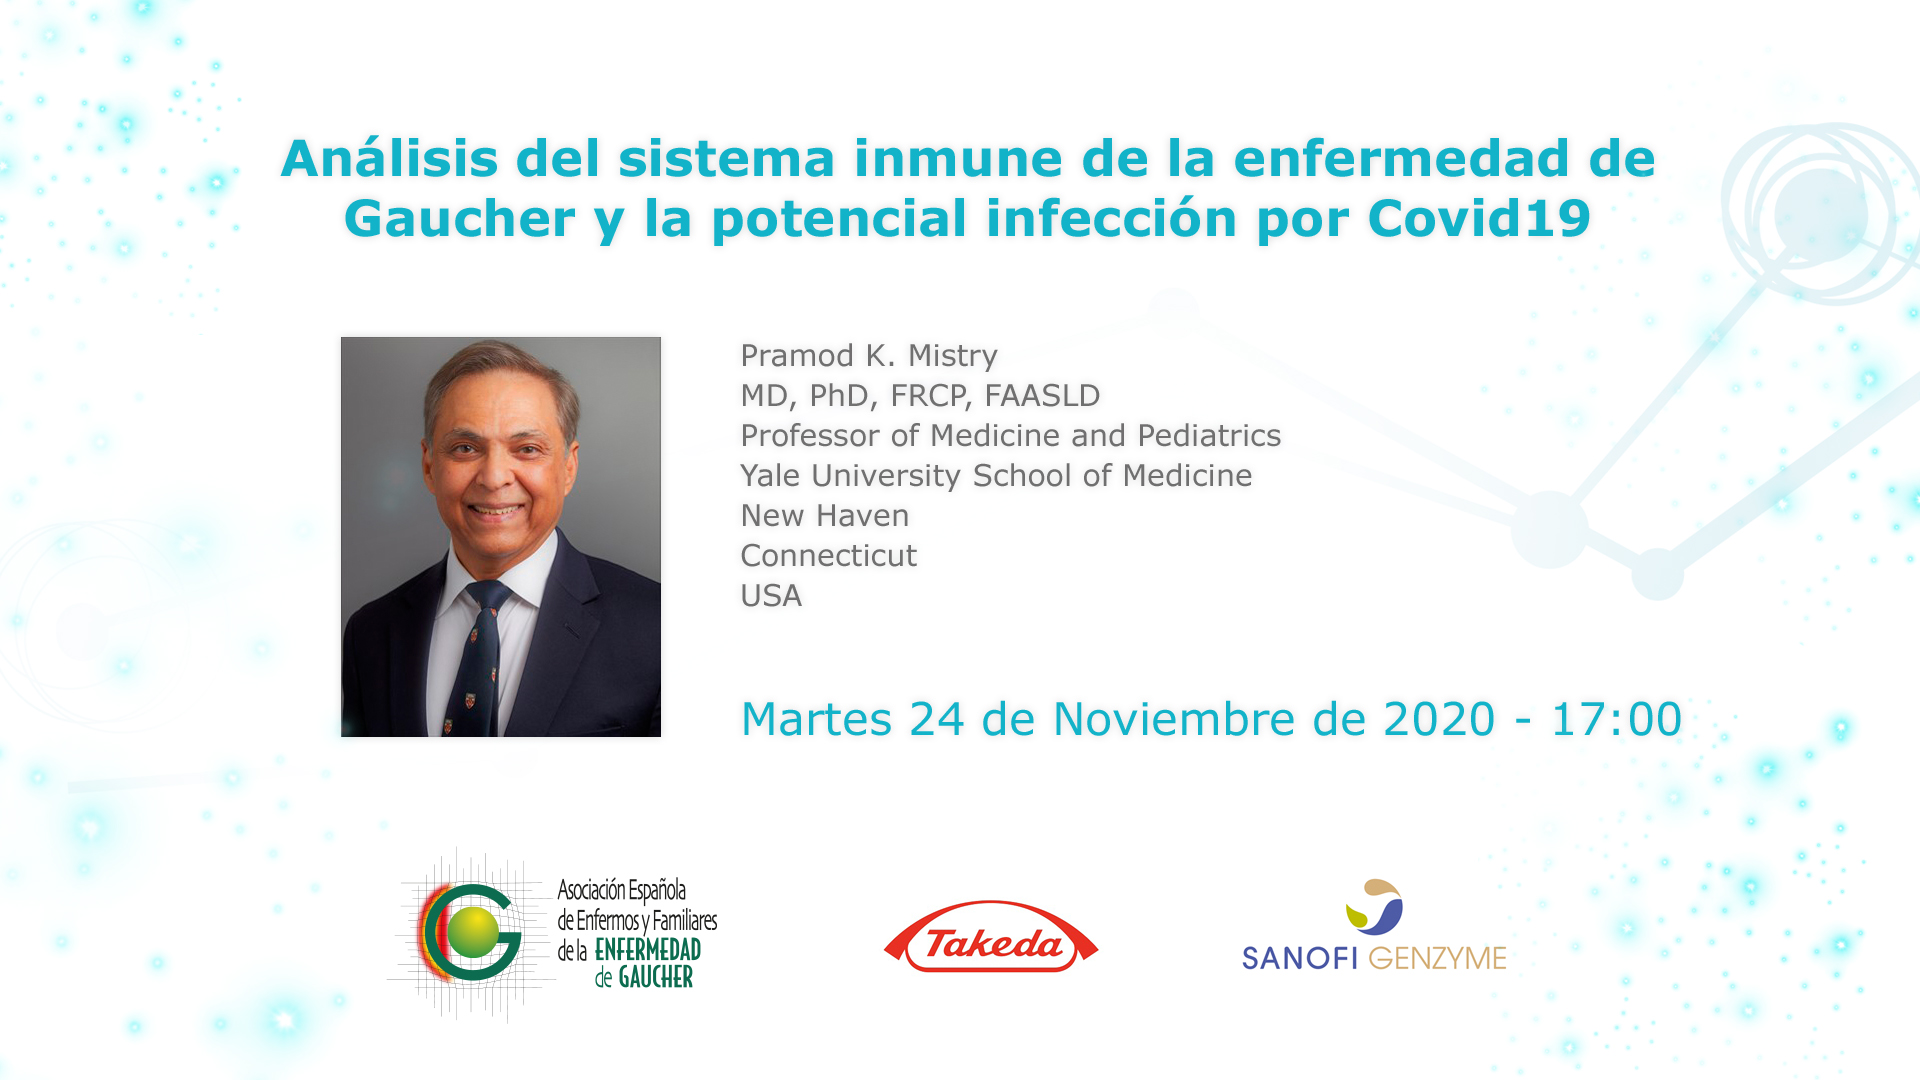 Análisis del sistema inmune de la enfermedad de Gaucher y la potencial infección por Covid19